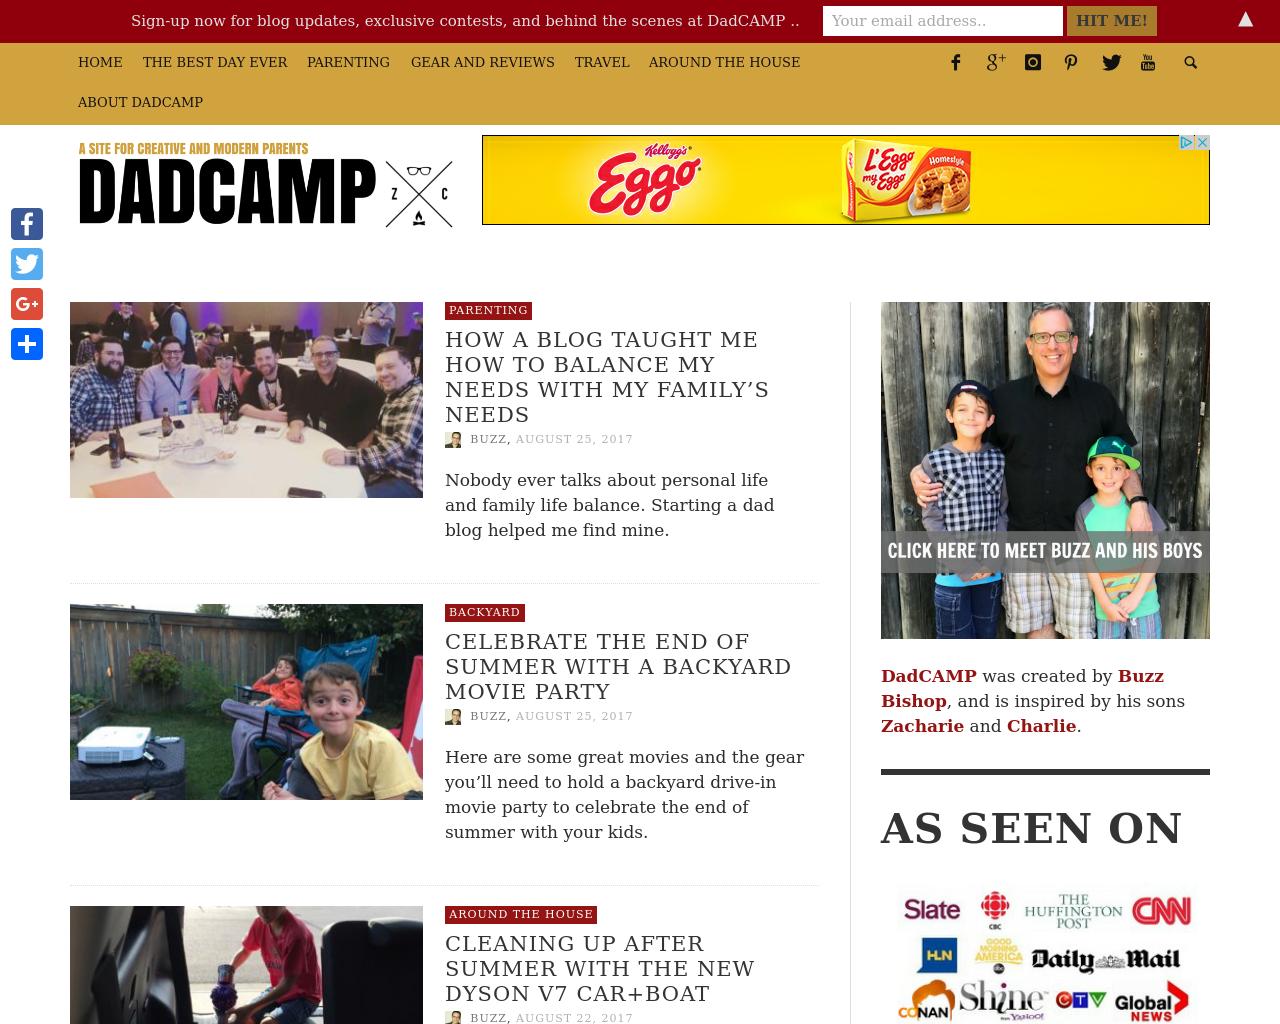 DadCAMP-Advertising-Reviews-Pricing